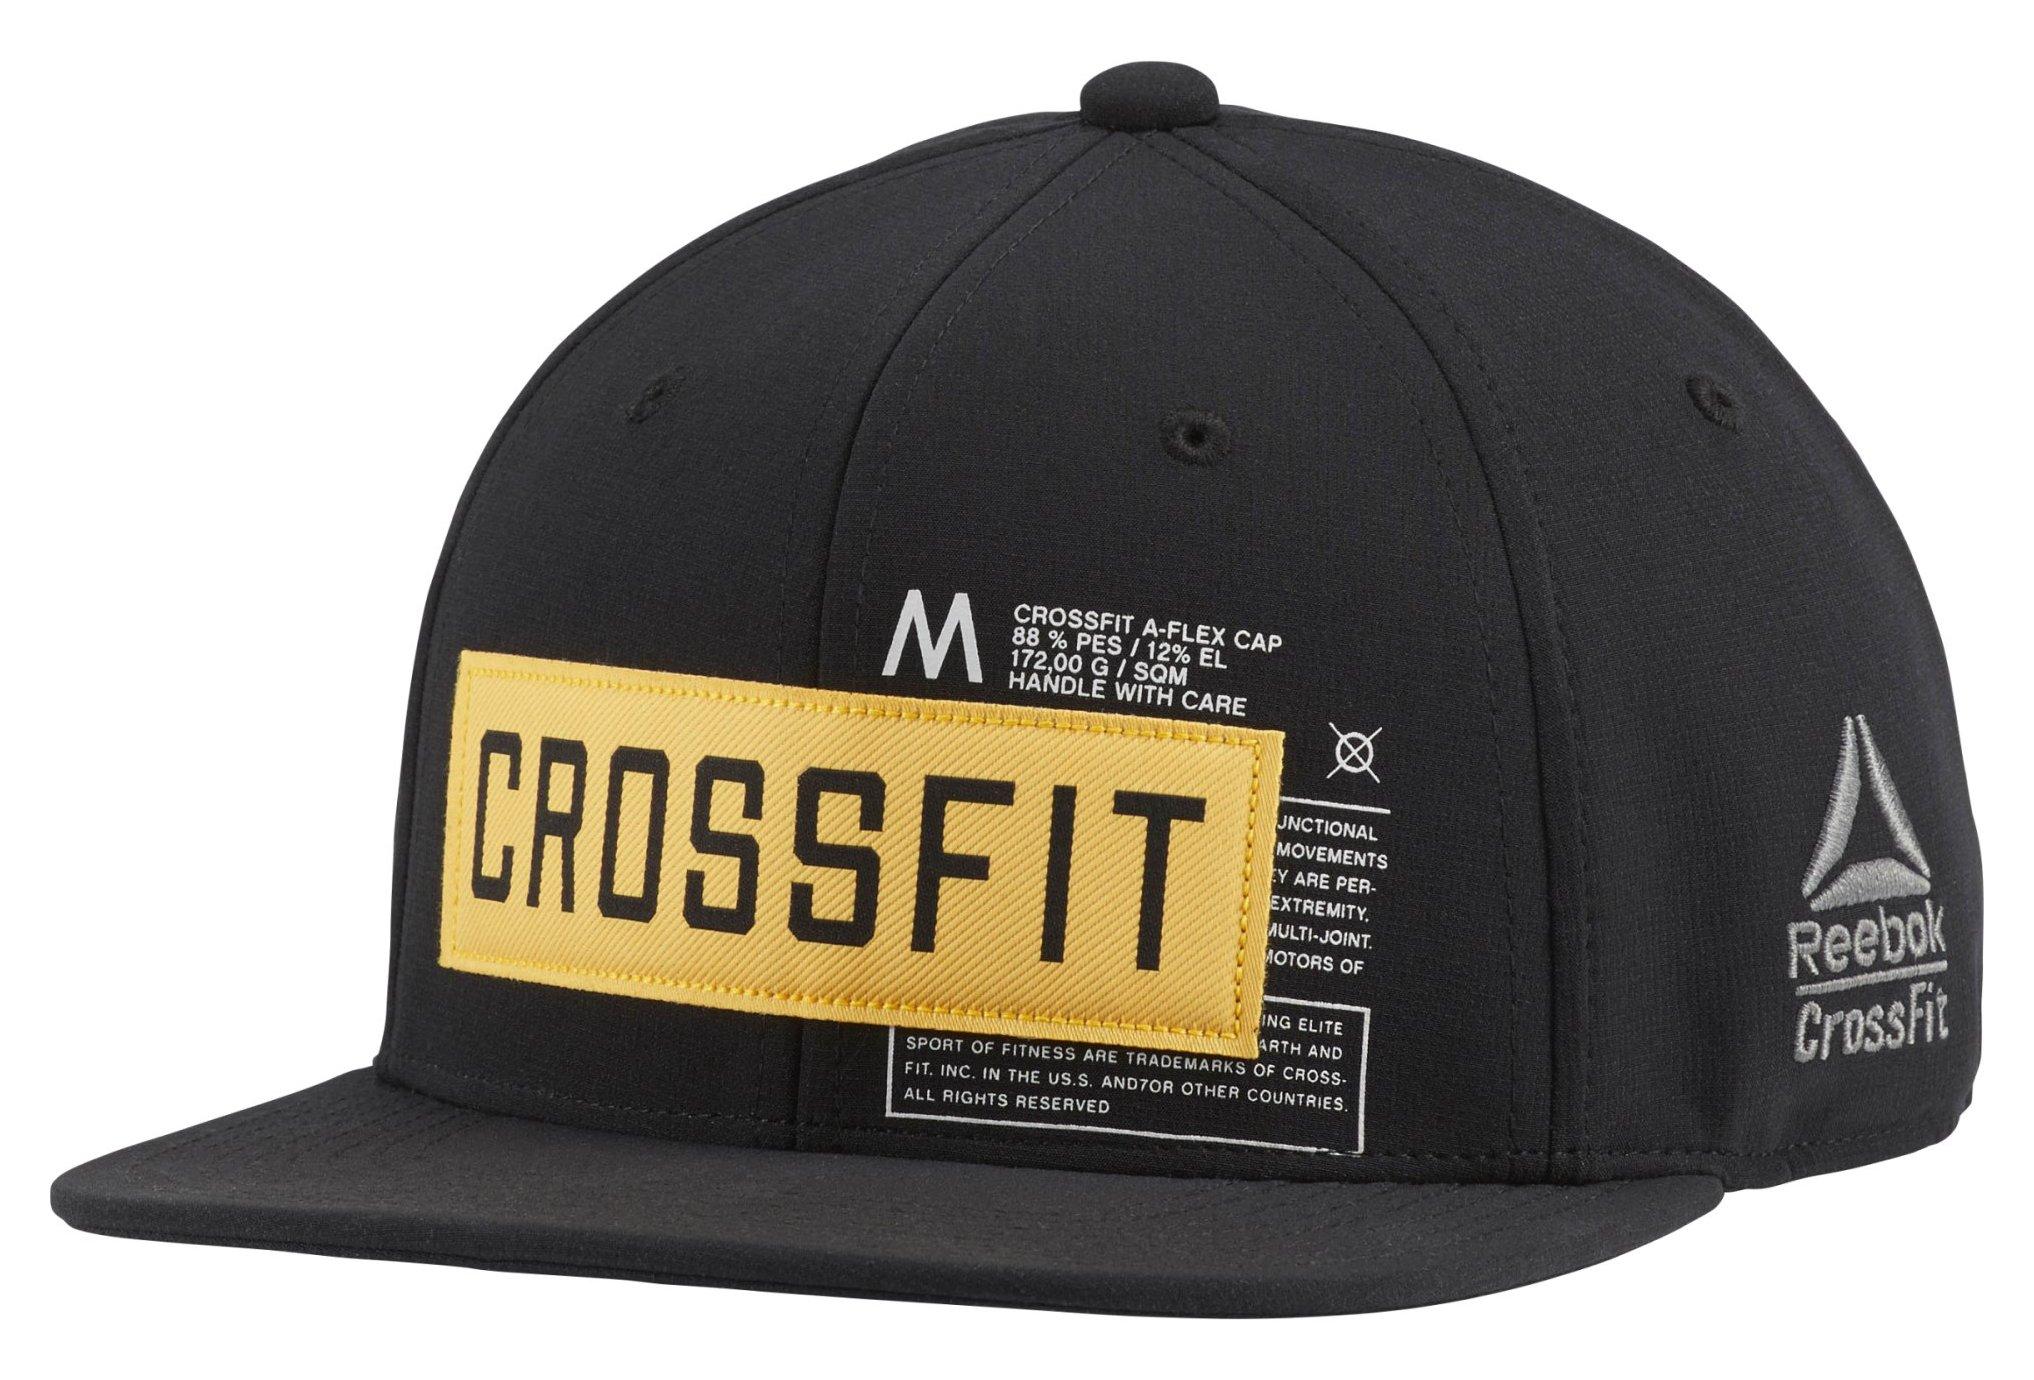 Reebok Crossfit A-Flex Diététique Accessoires